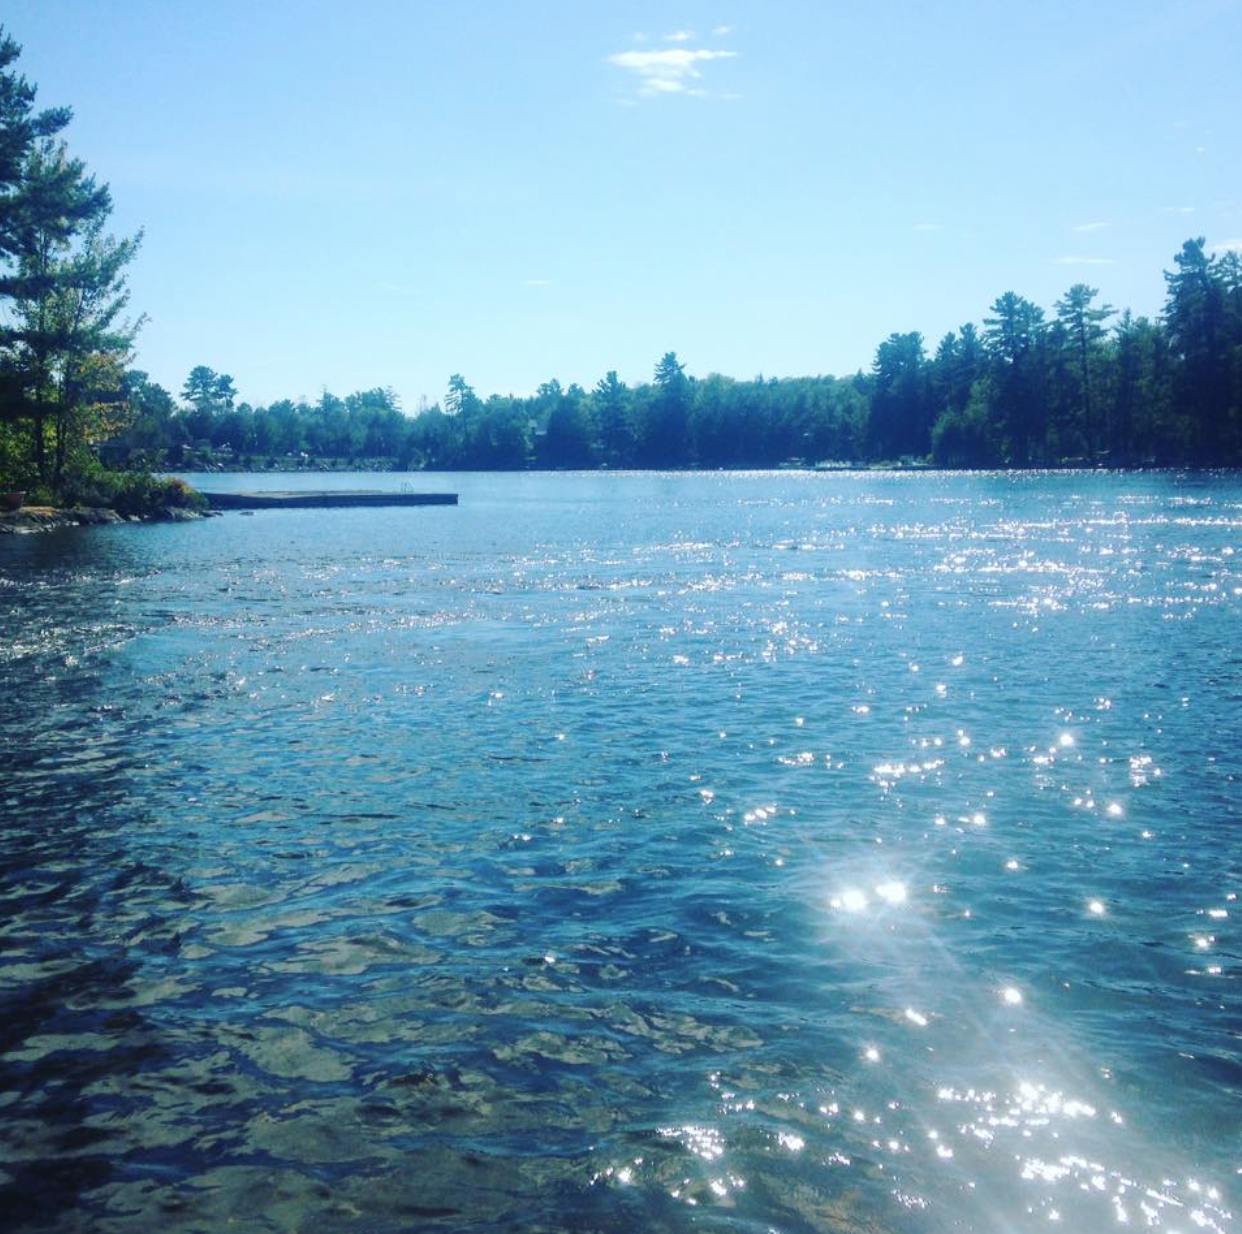 Beautiful sunny day on a lake in Muskoka, Ontario.